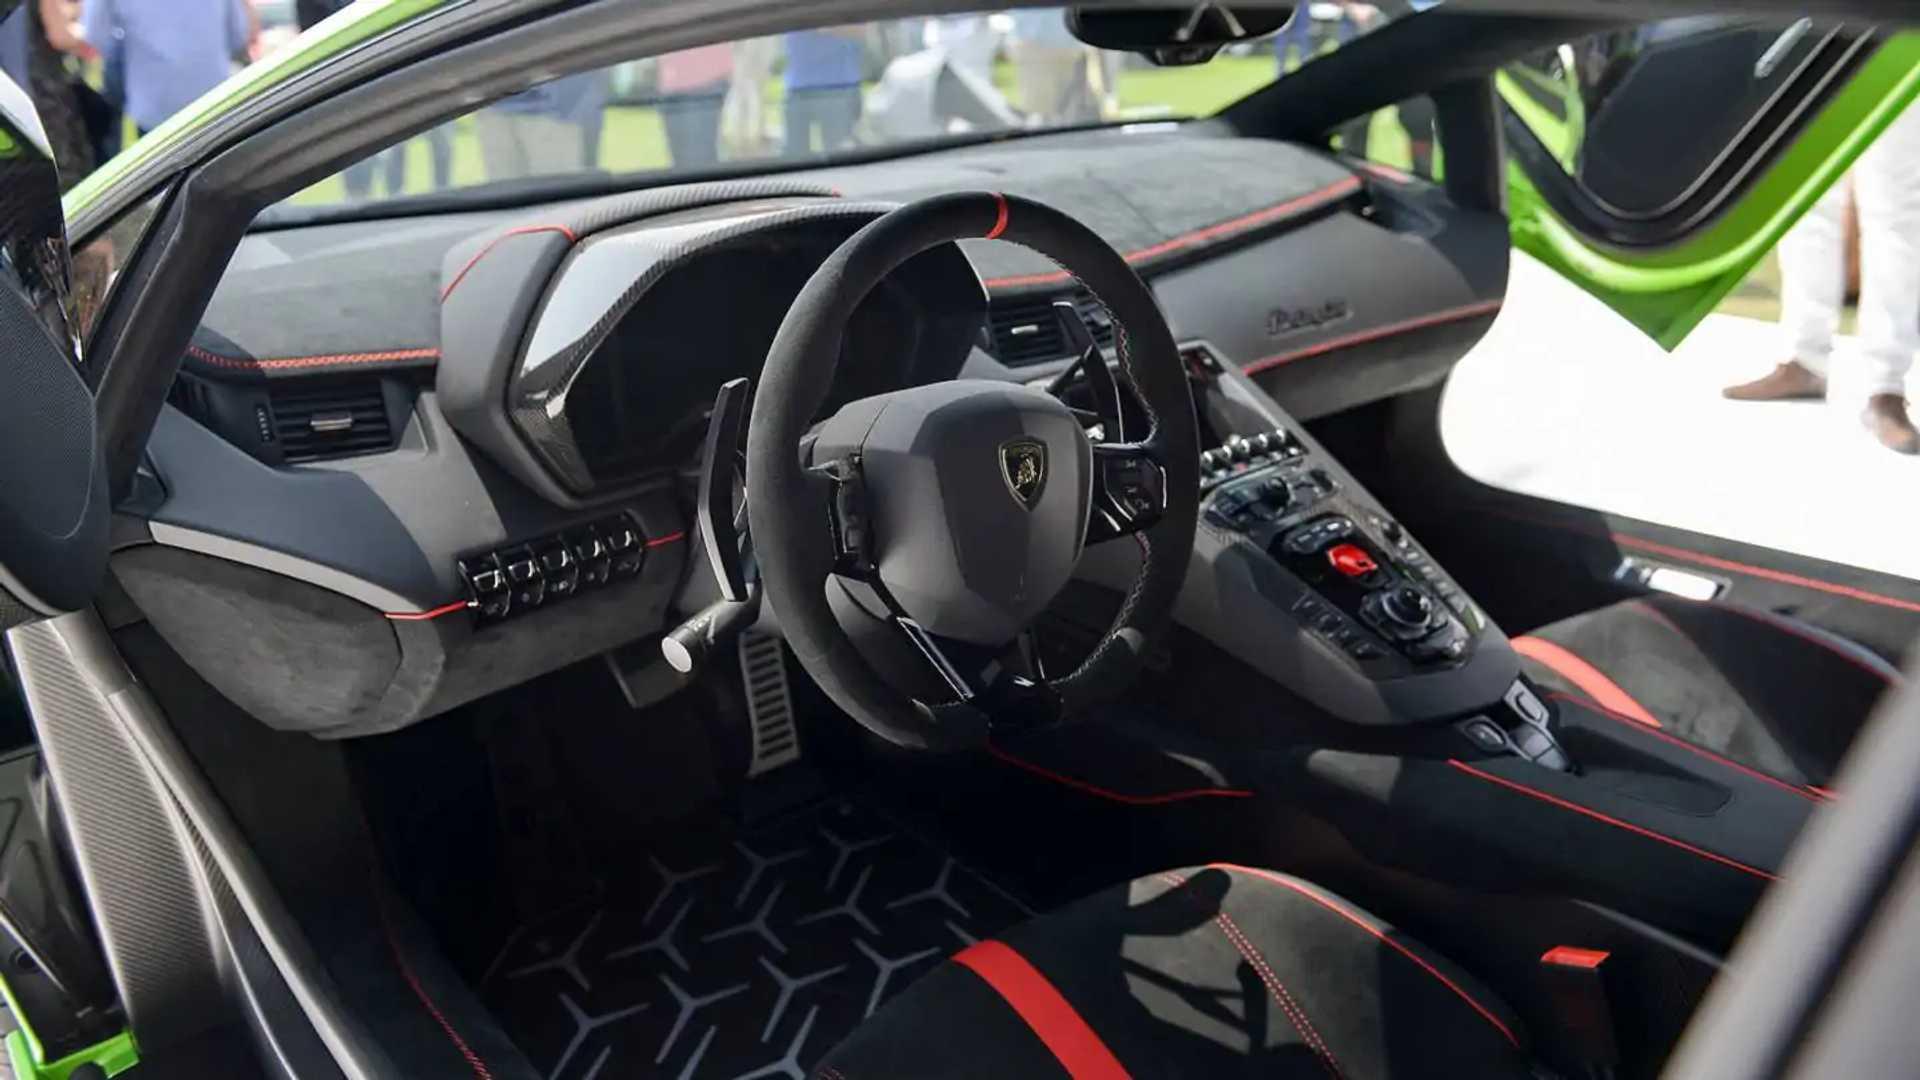 Lamborghini Aventador Svj 63 Looks Wild In Video Debut